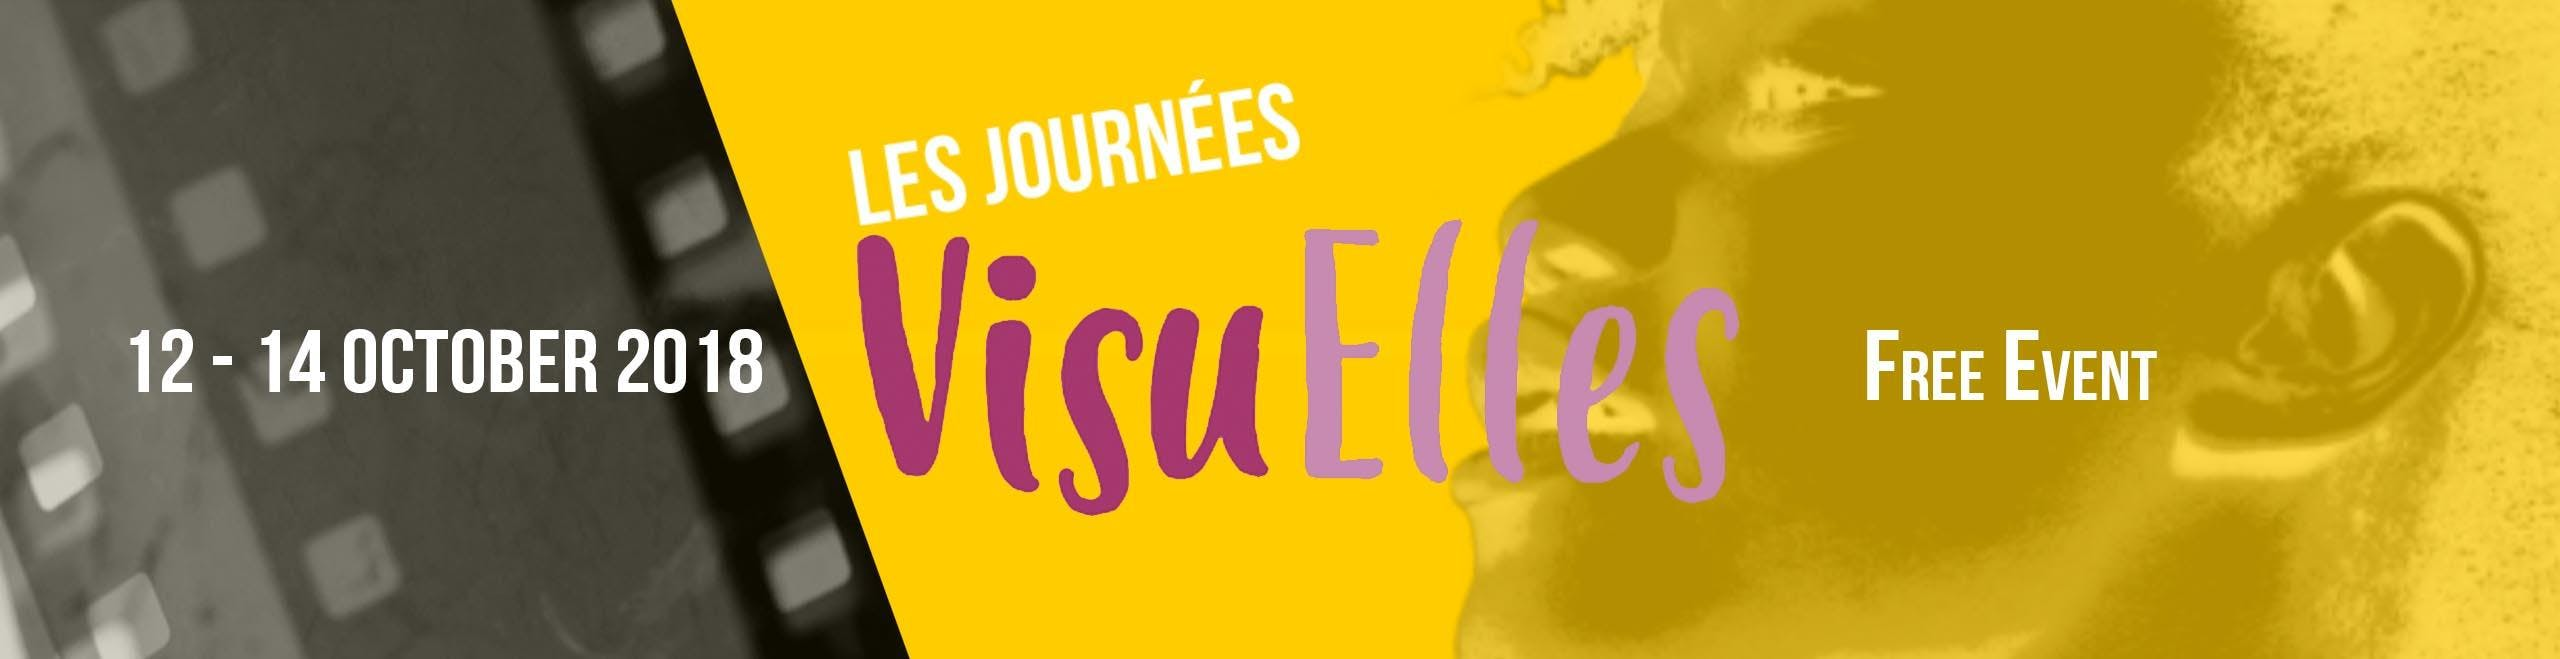 Les Journées VisuElles Film Festival - General Admission